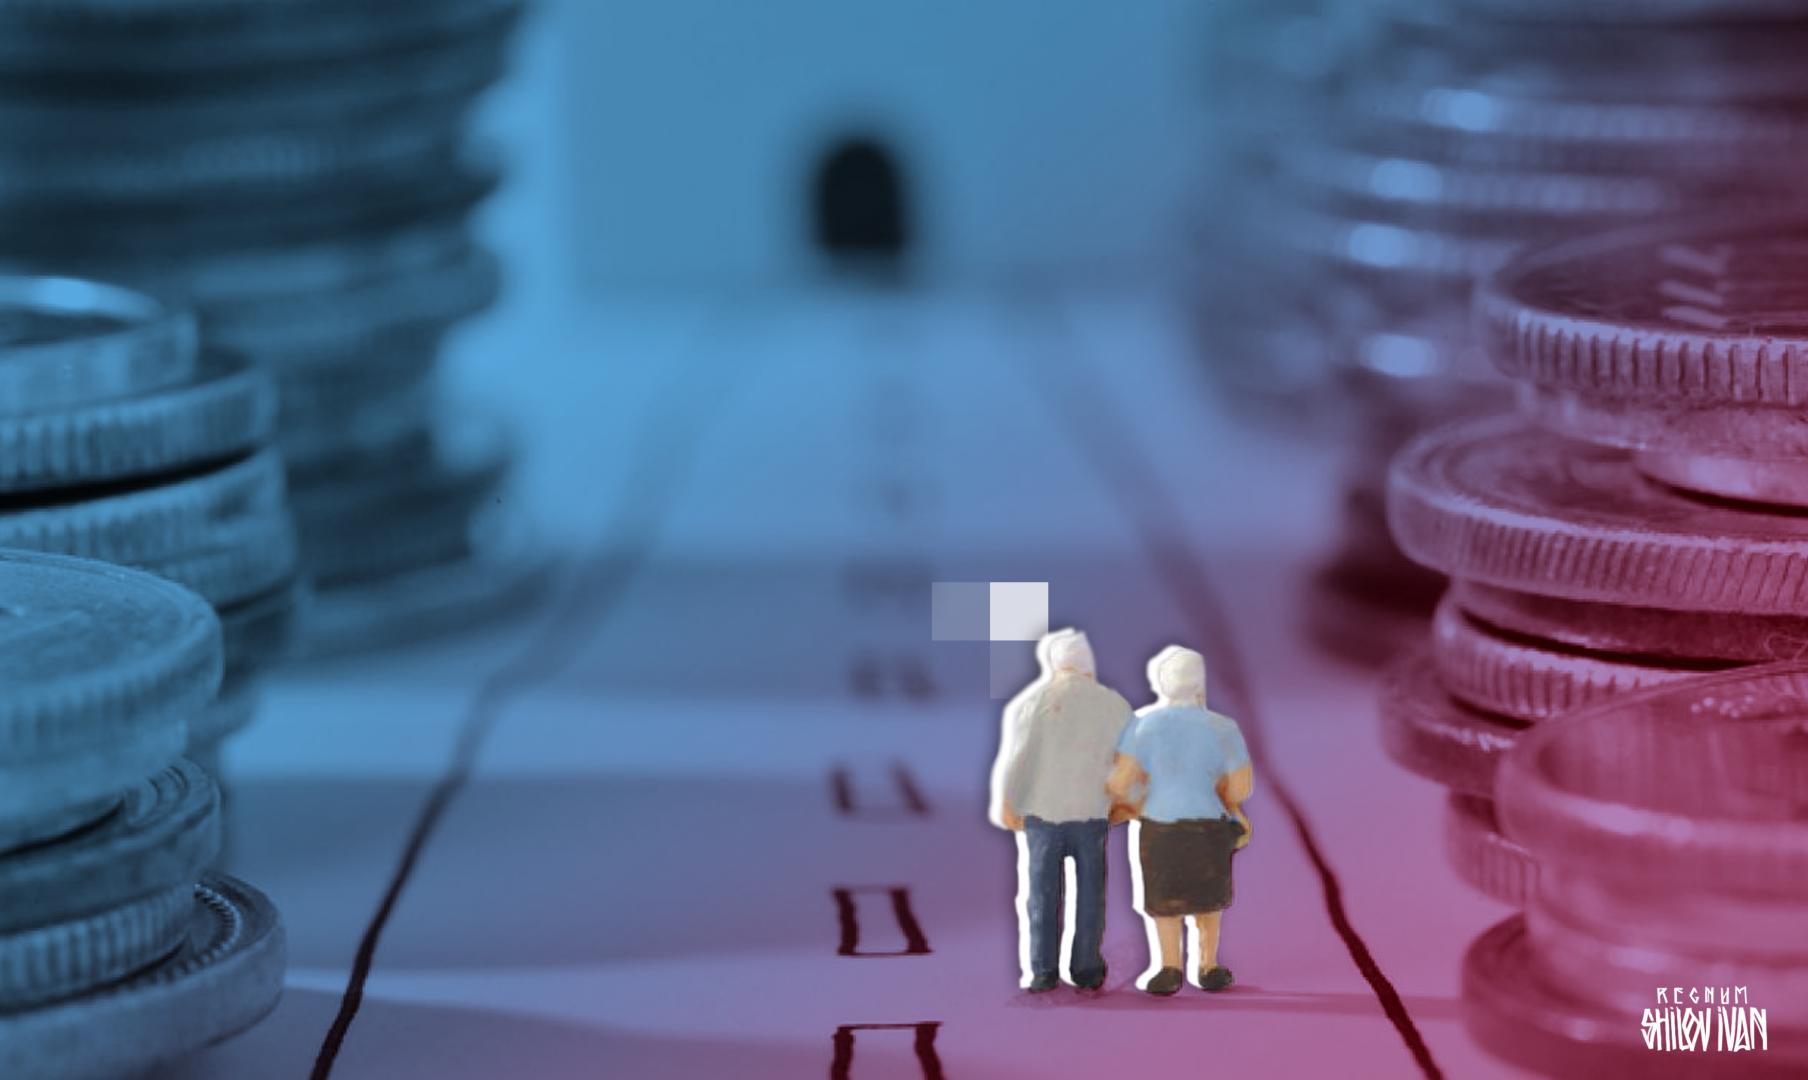 кредит без пенсионных отчислений в казахстане бинбанк оплатить кредит